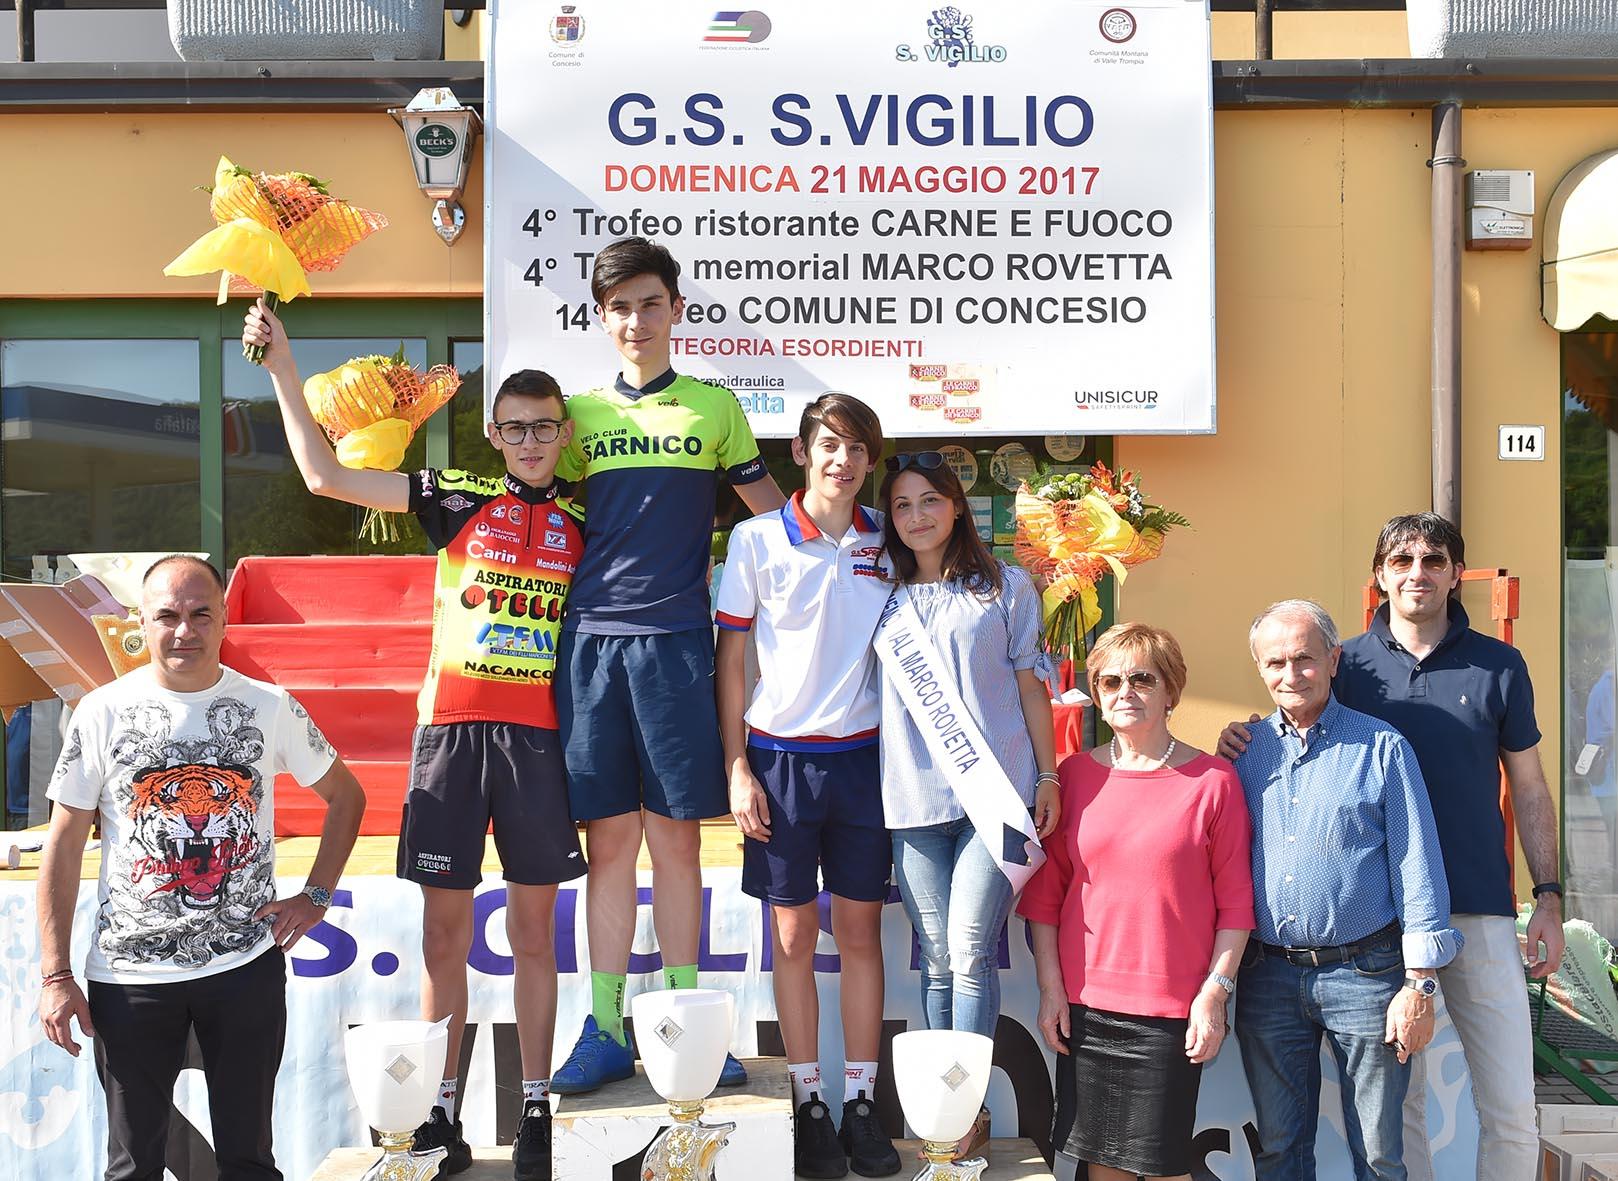 Il podio della gara Esordienti 2° anno di San Vigilio di Concesio vinta da Lino Colosio